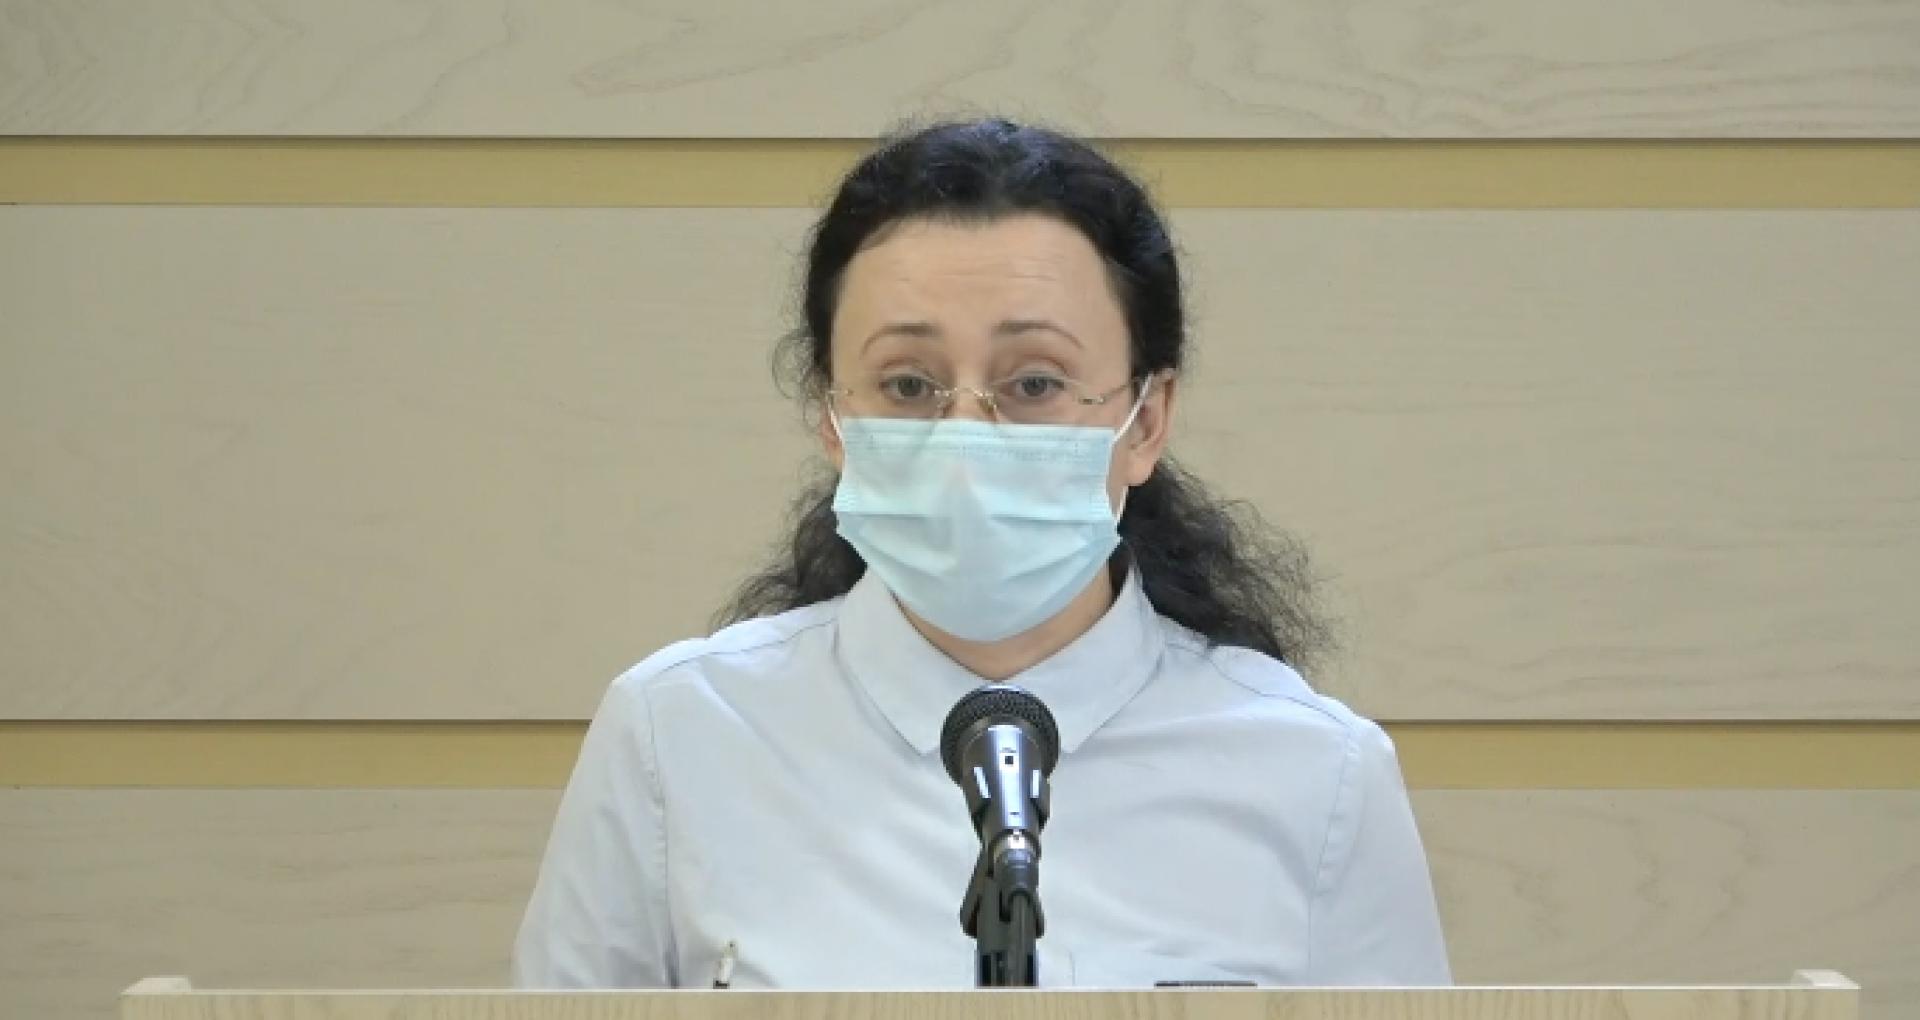 """VIDEO/ Președinta Comisiei parlamentare de anchetă, despre dosarul """"Laundromat"""": """"Spălările de bani au fost efectuate pe mai multe dimensiuni"""""""